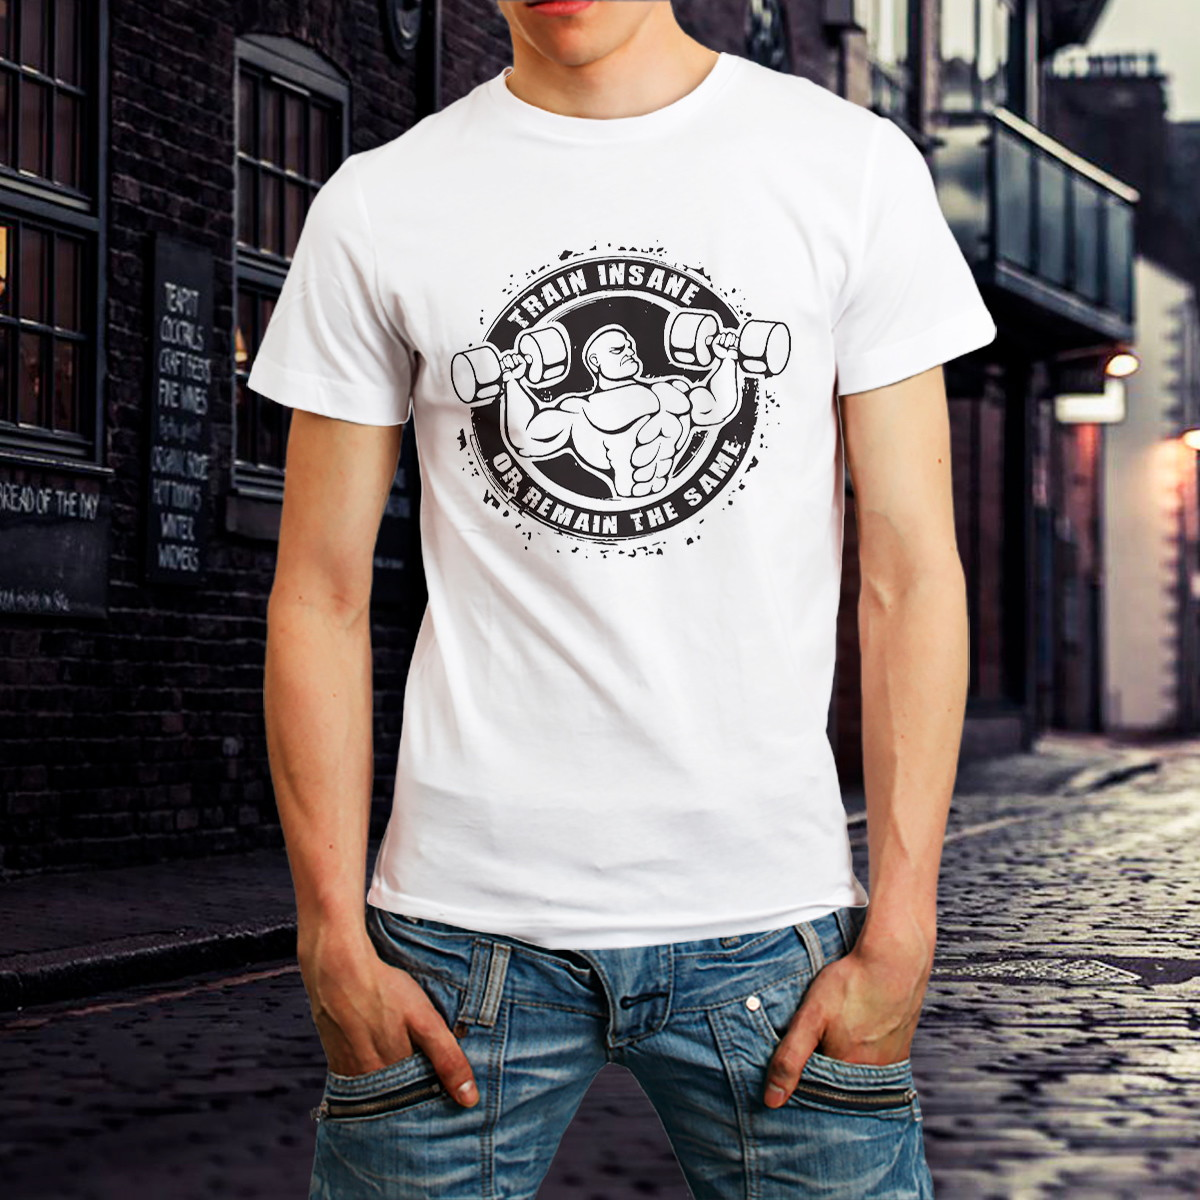 3aa8c775f Camiseta Fitness Academia Roupa Camisa Masculina Branca no Elo7 ...